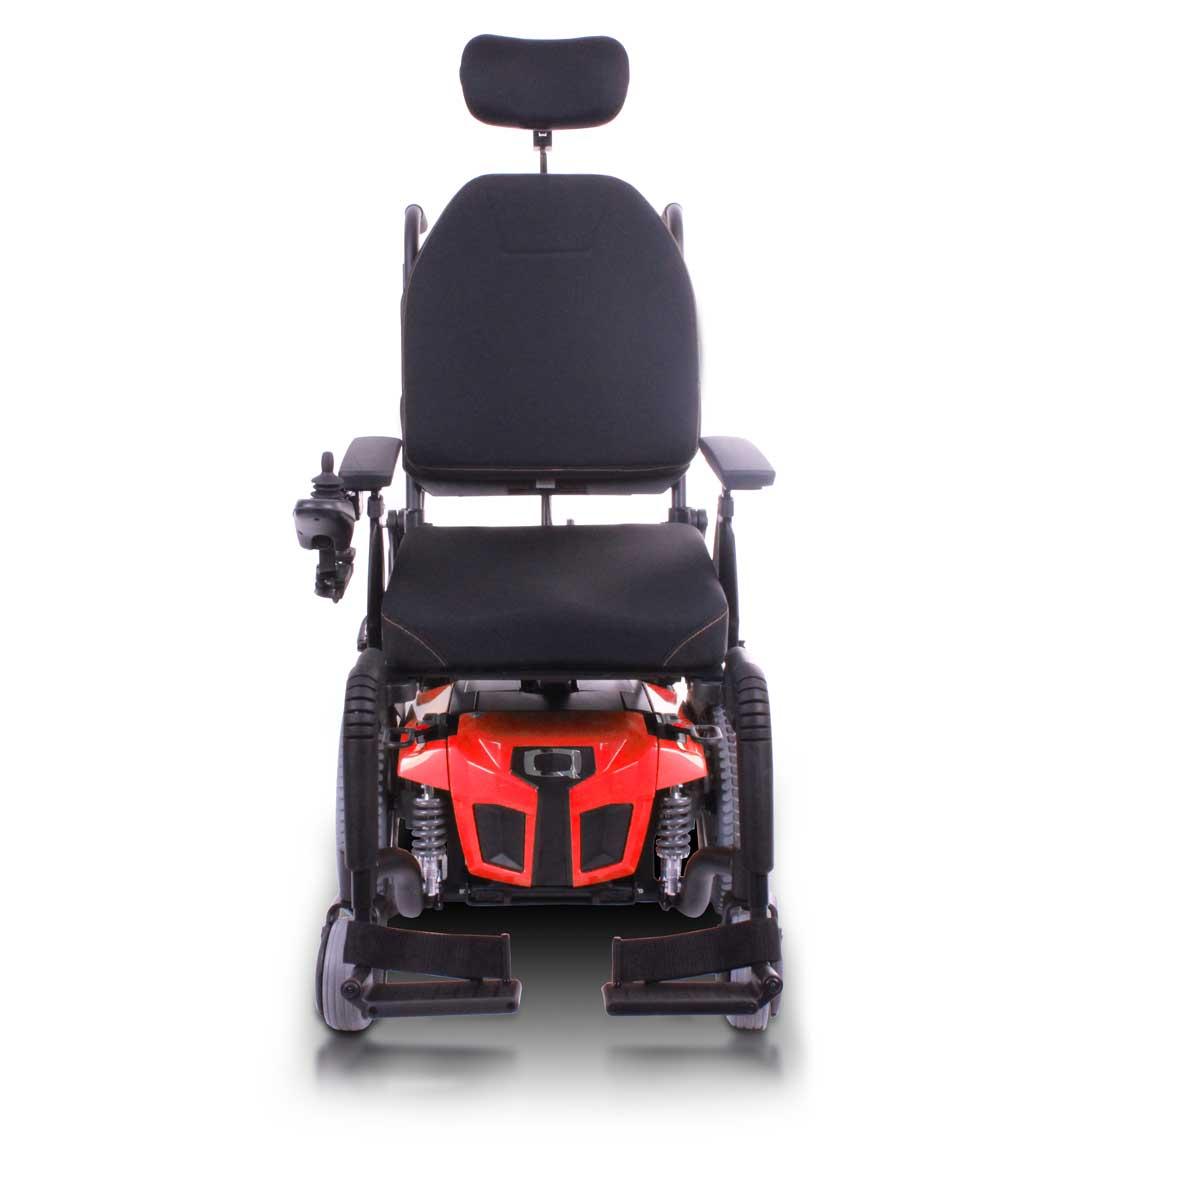 Quantum Q4 Power Wheelchair